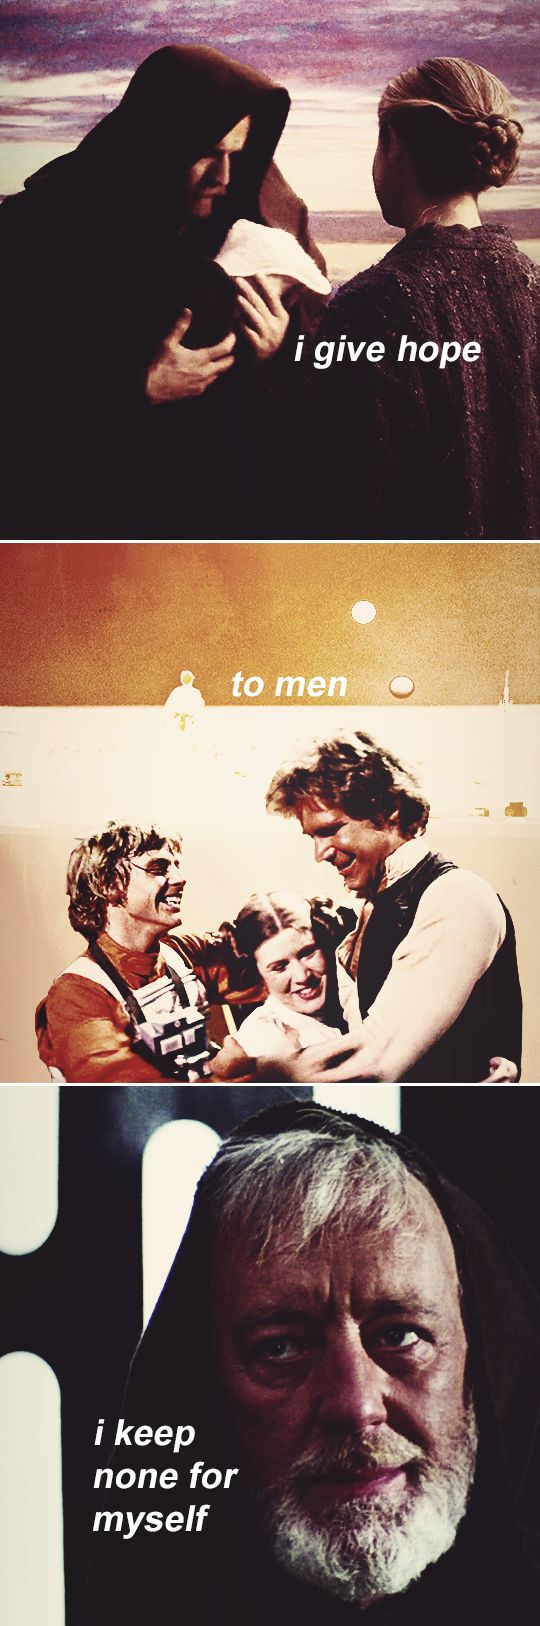 Obi Wan Kenobe: I give hope to men i keep none for myself #starwars